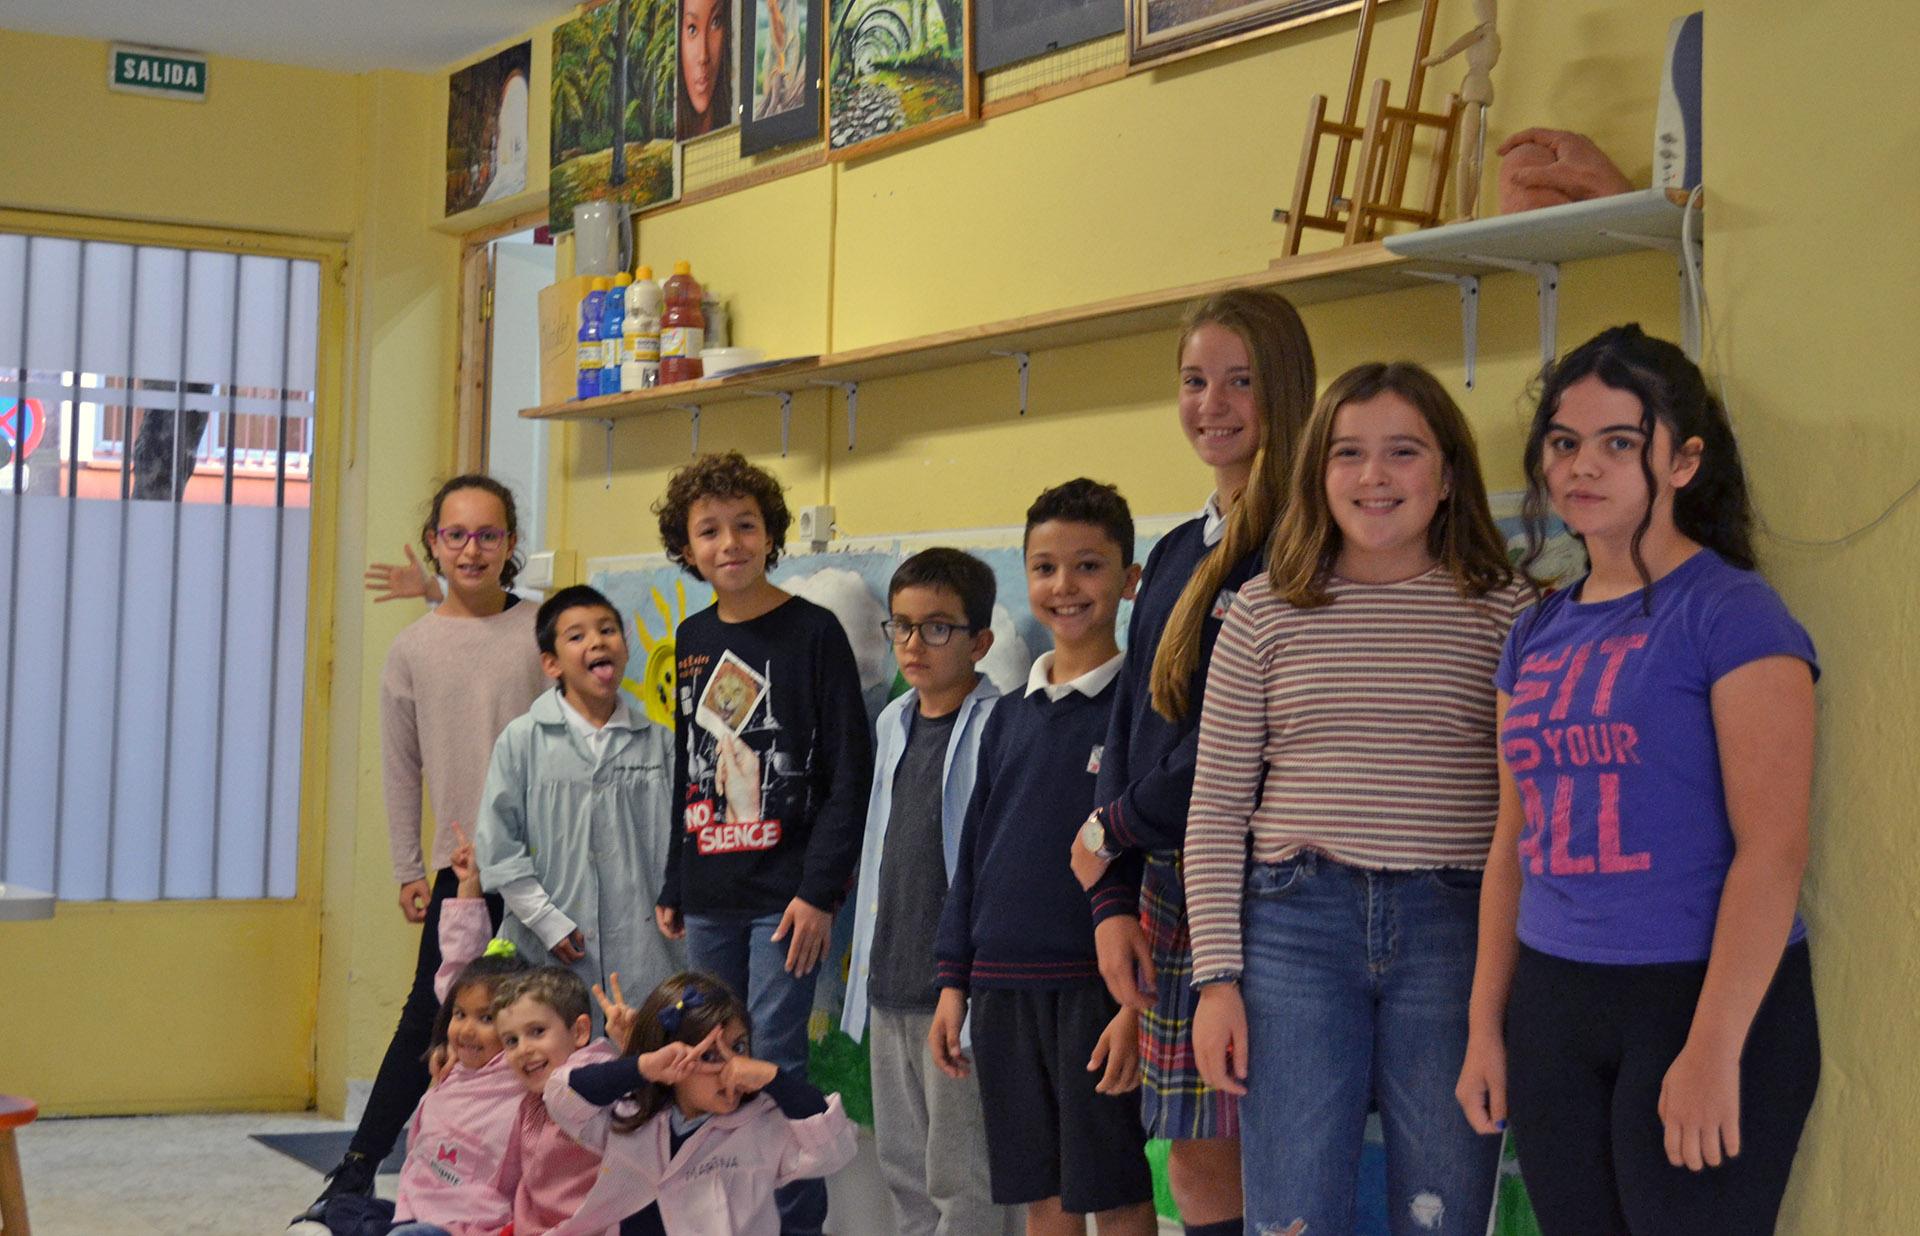 Promesas junior. Taller Aceña - Olmedo, curso 2018-2019